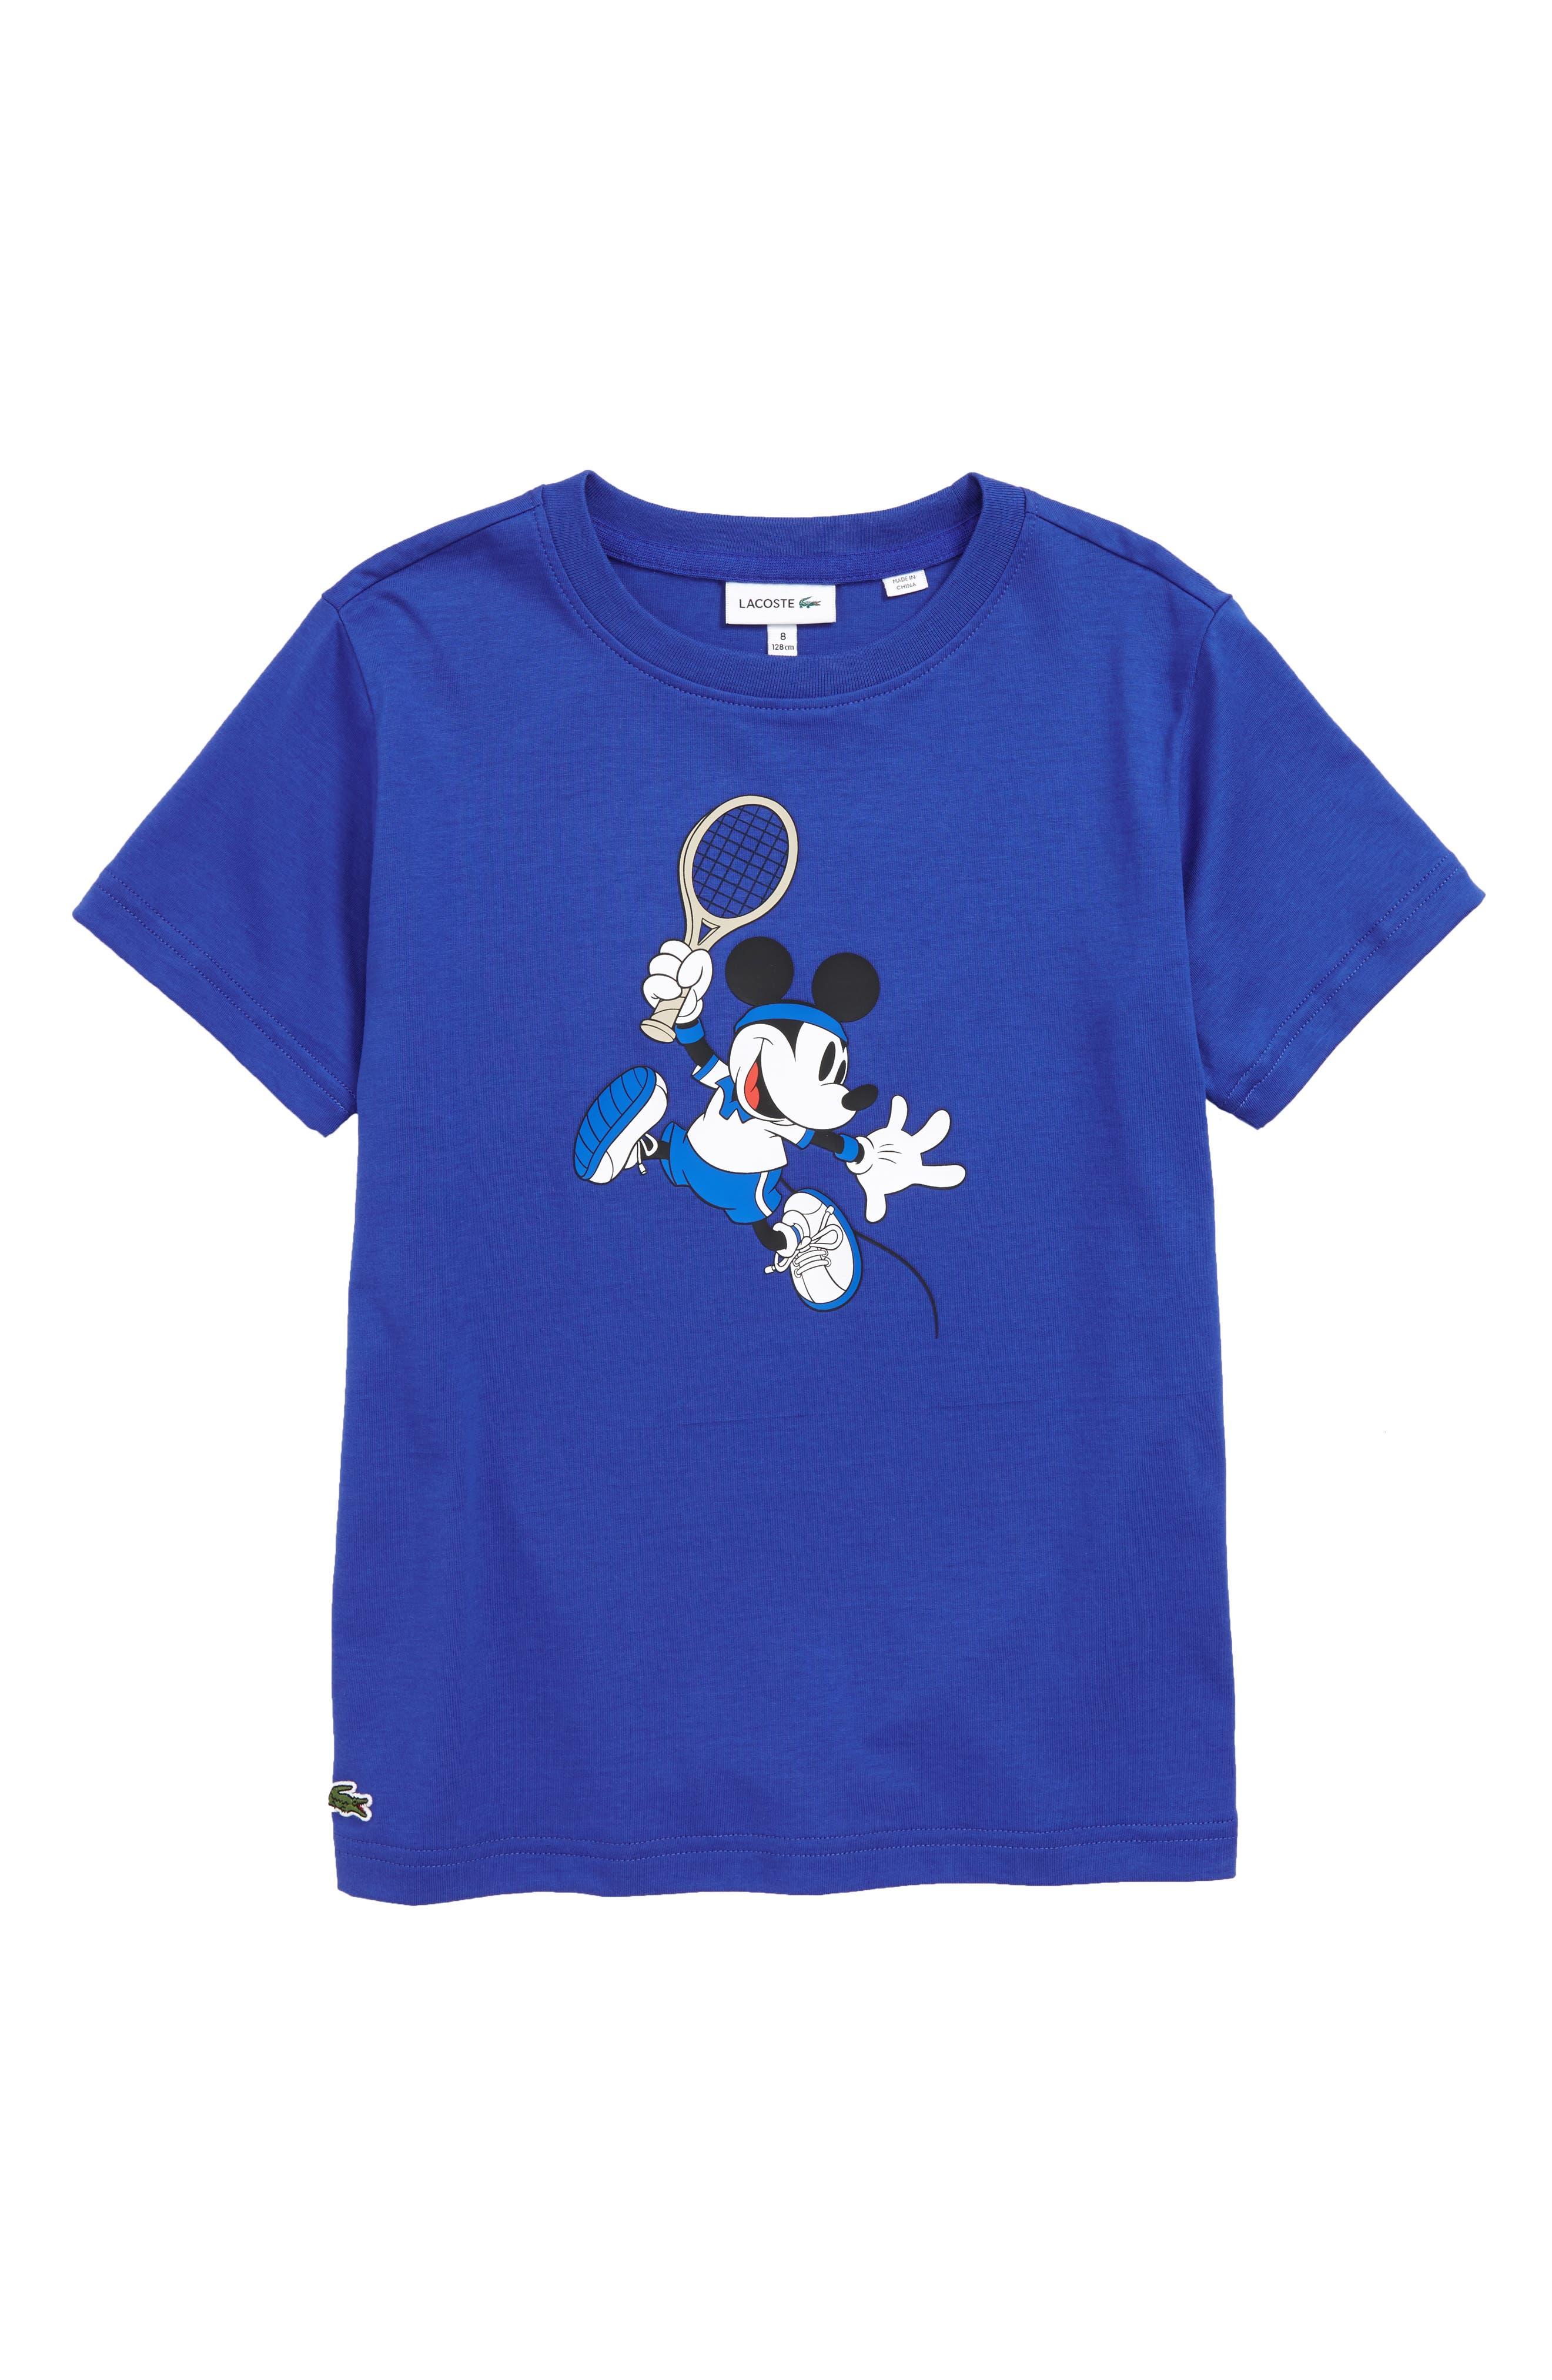 Boys Lacoste Disney Print Graphic TShirt